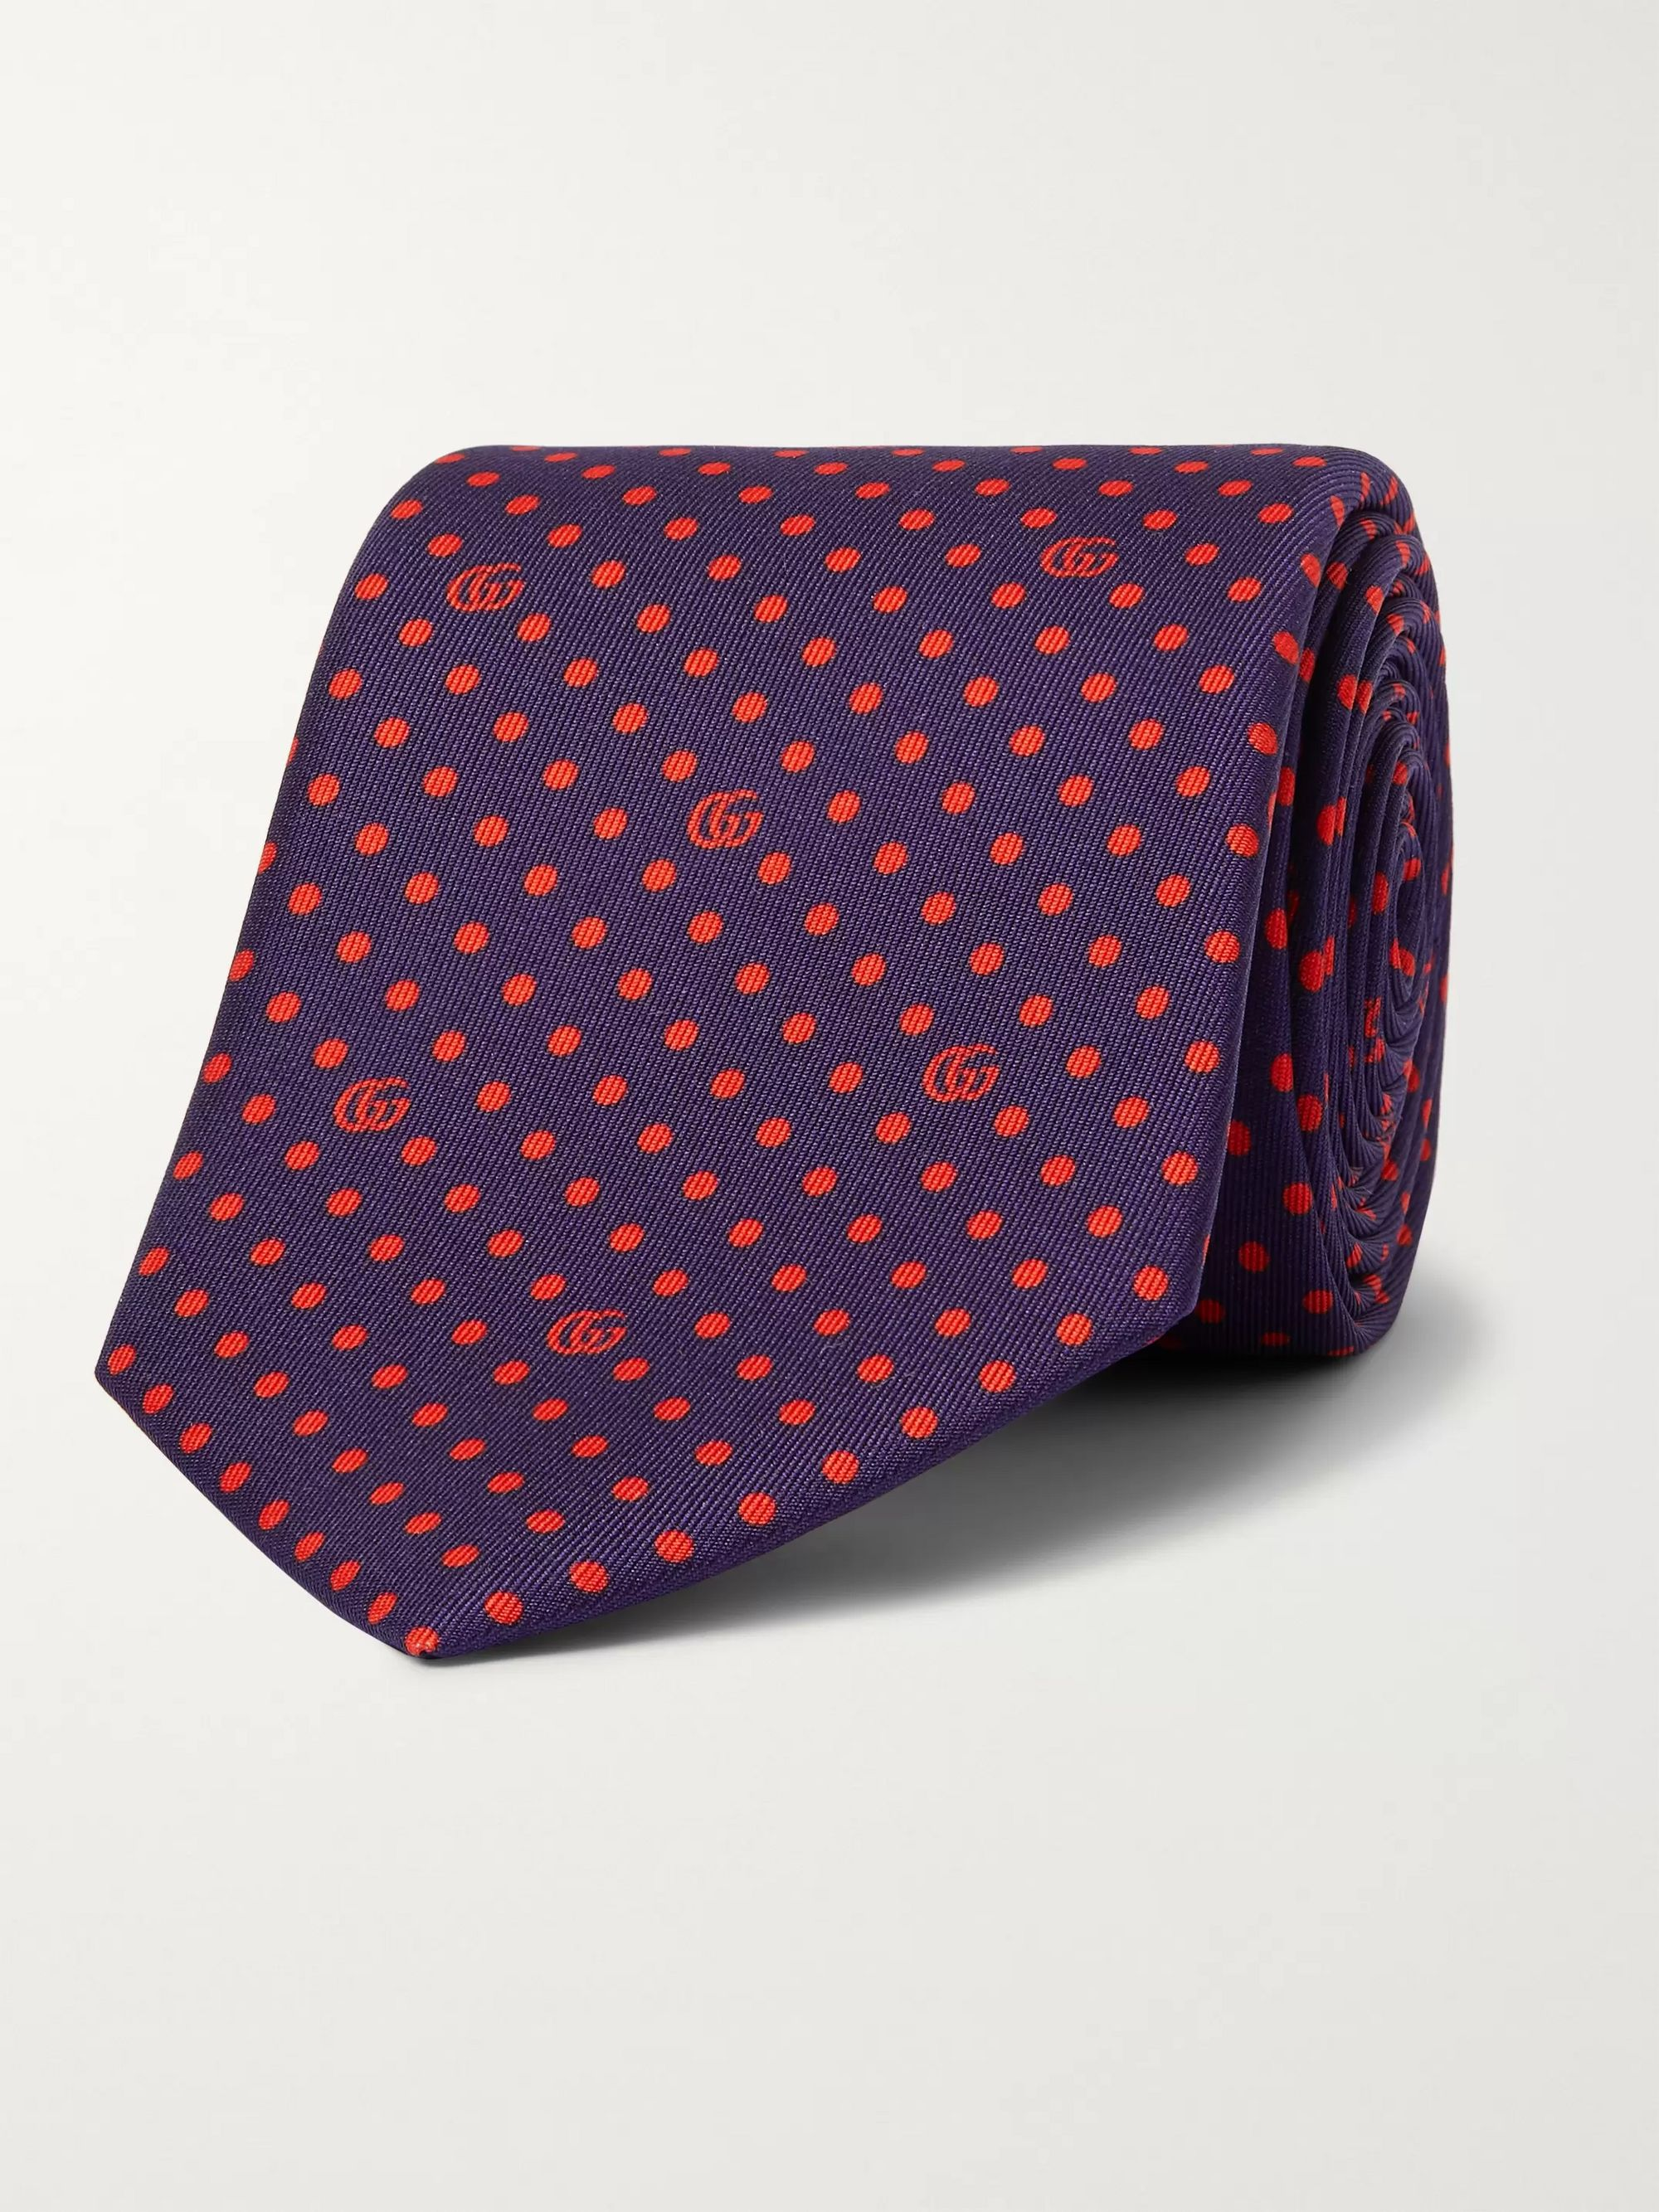 구찌 넥타이 Gucci 7cm Logo-Print Silk-Twill Tie,Navy